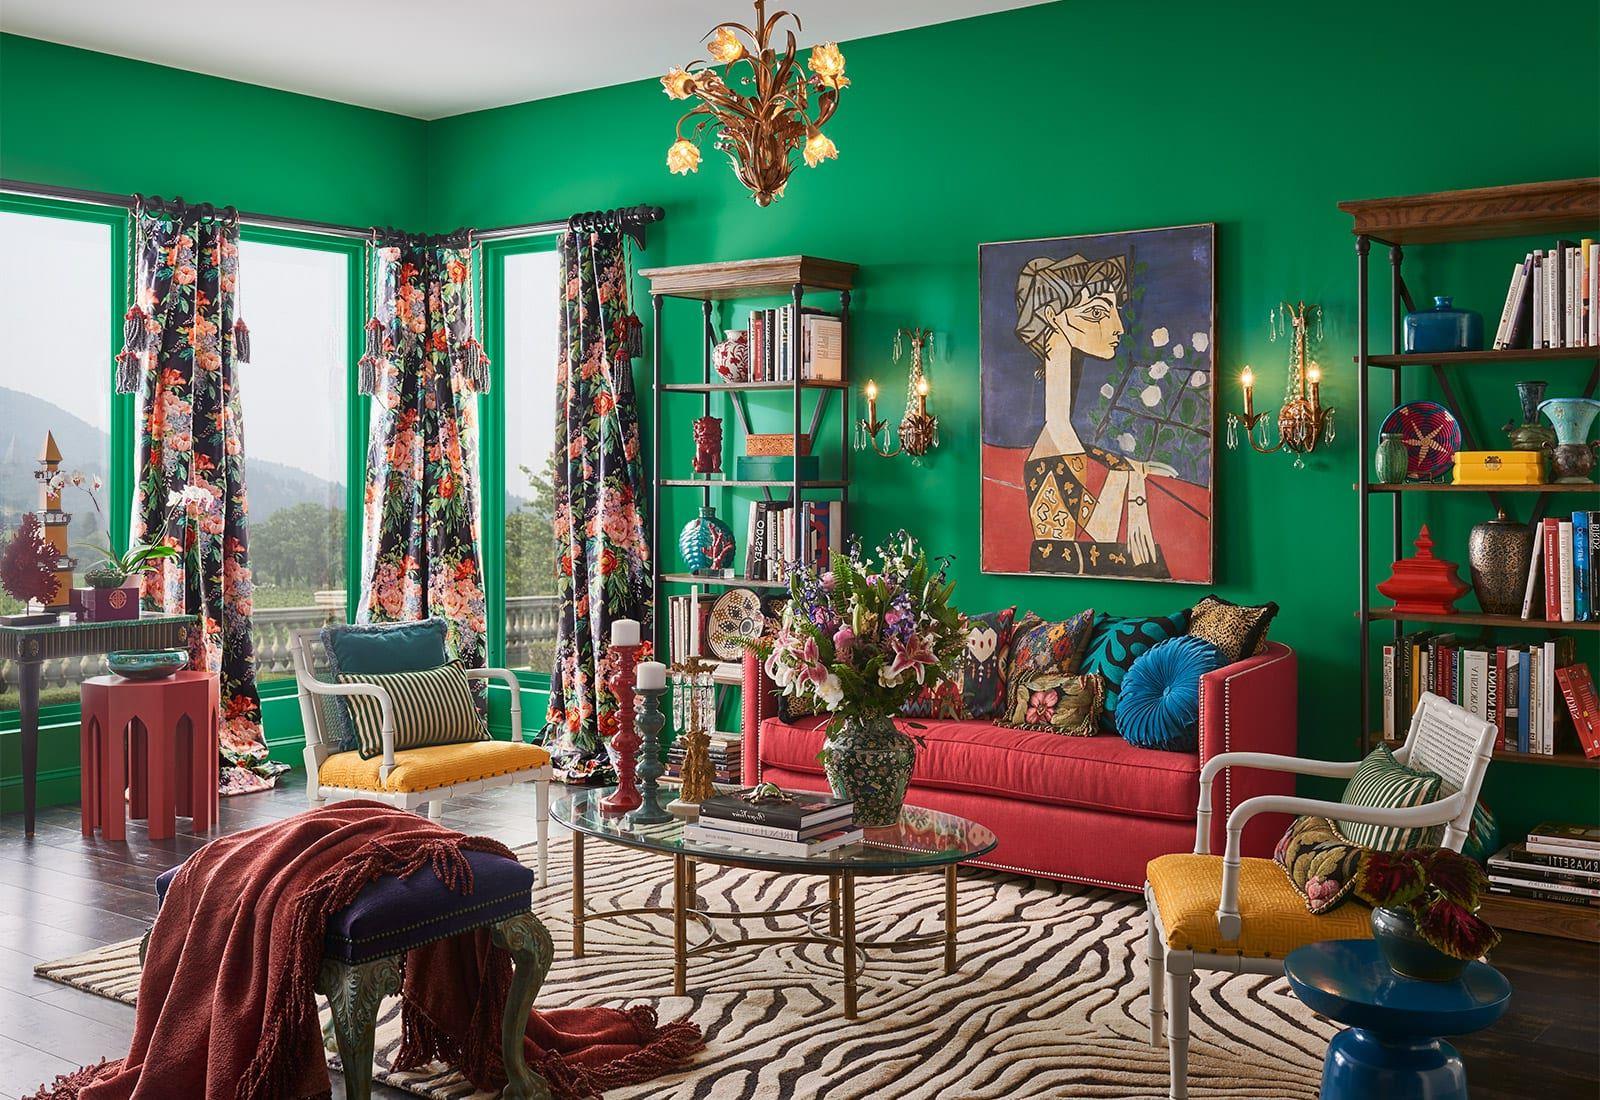 Essayez l'idée la plus populaire dans le déco de la maison cette année: peignez vos murs avec des couleurs vives.